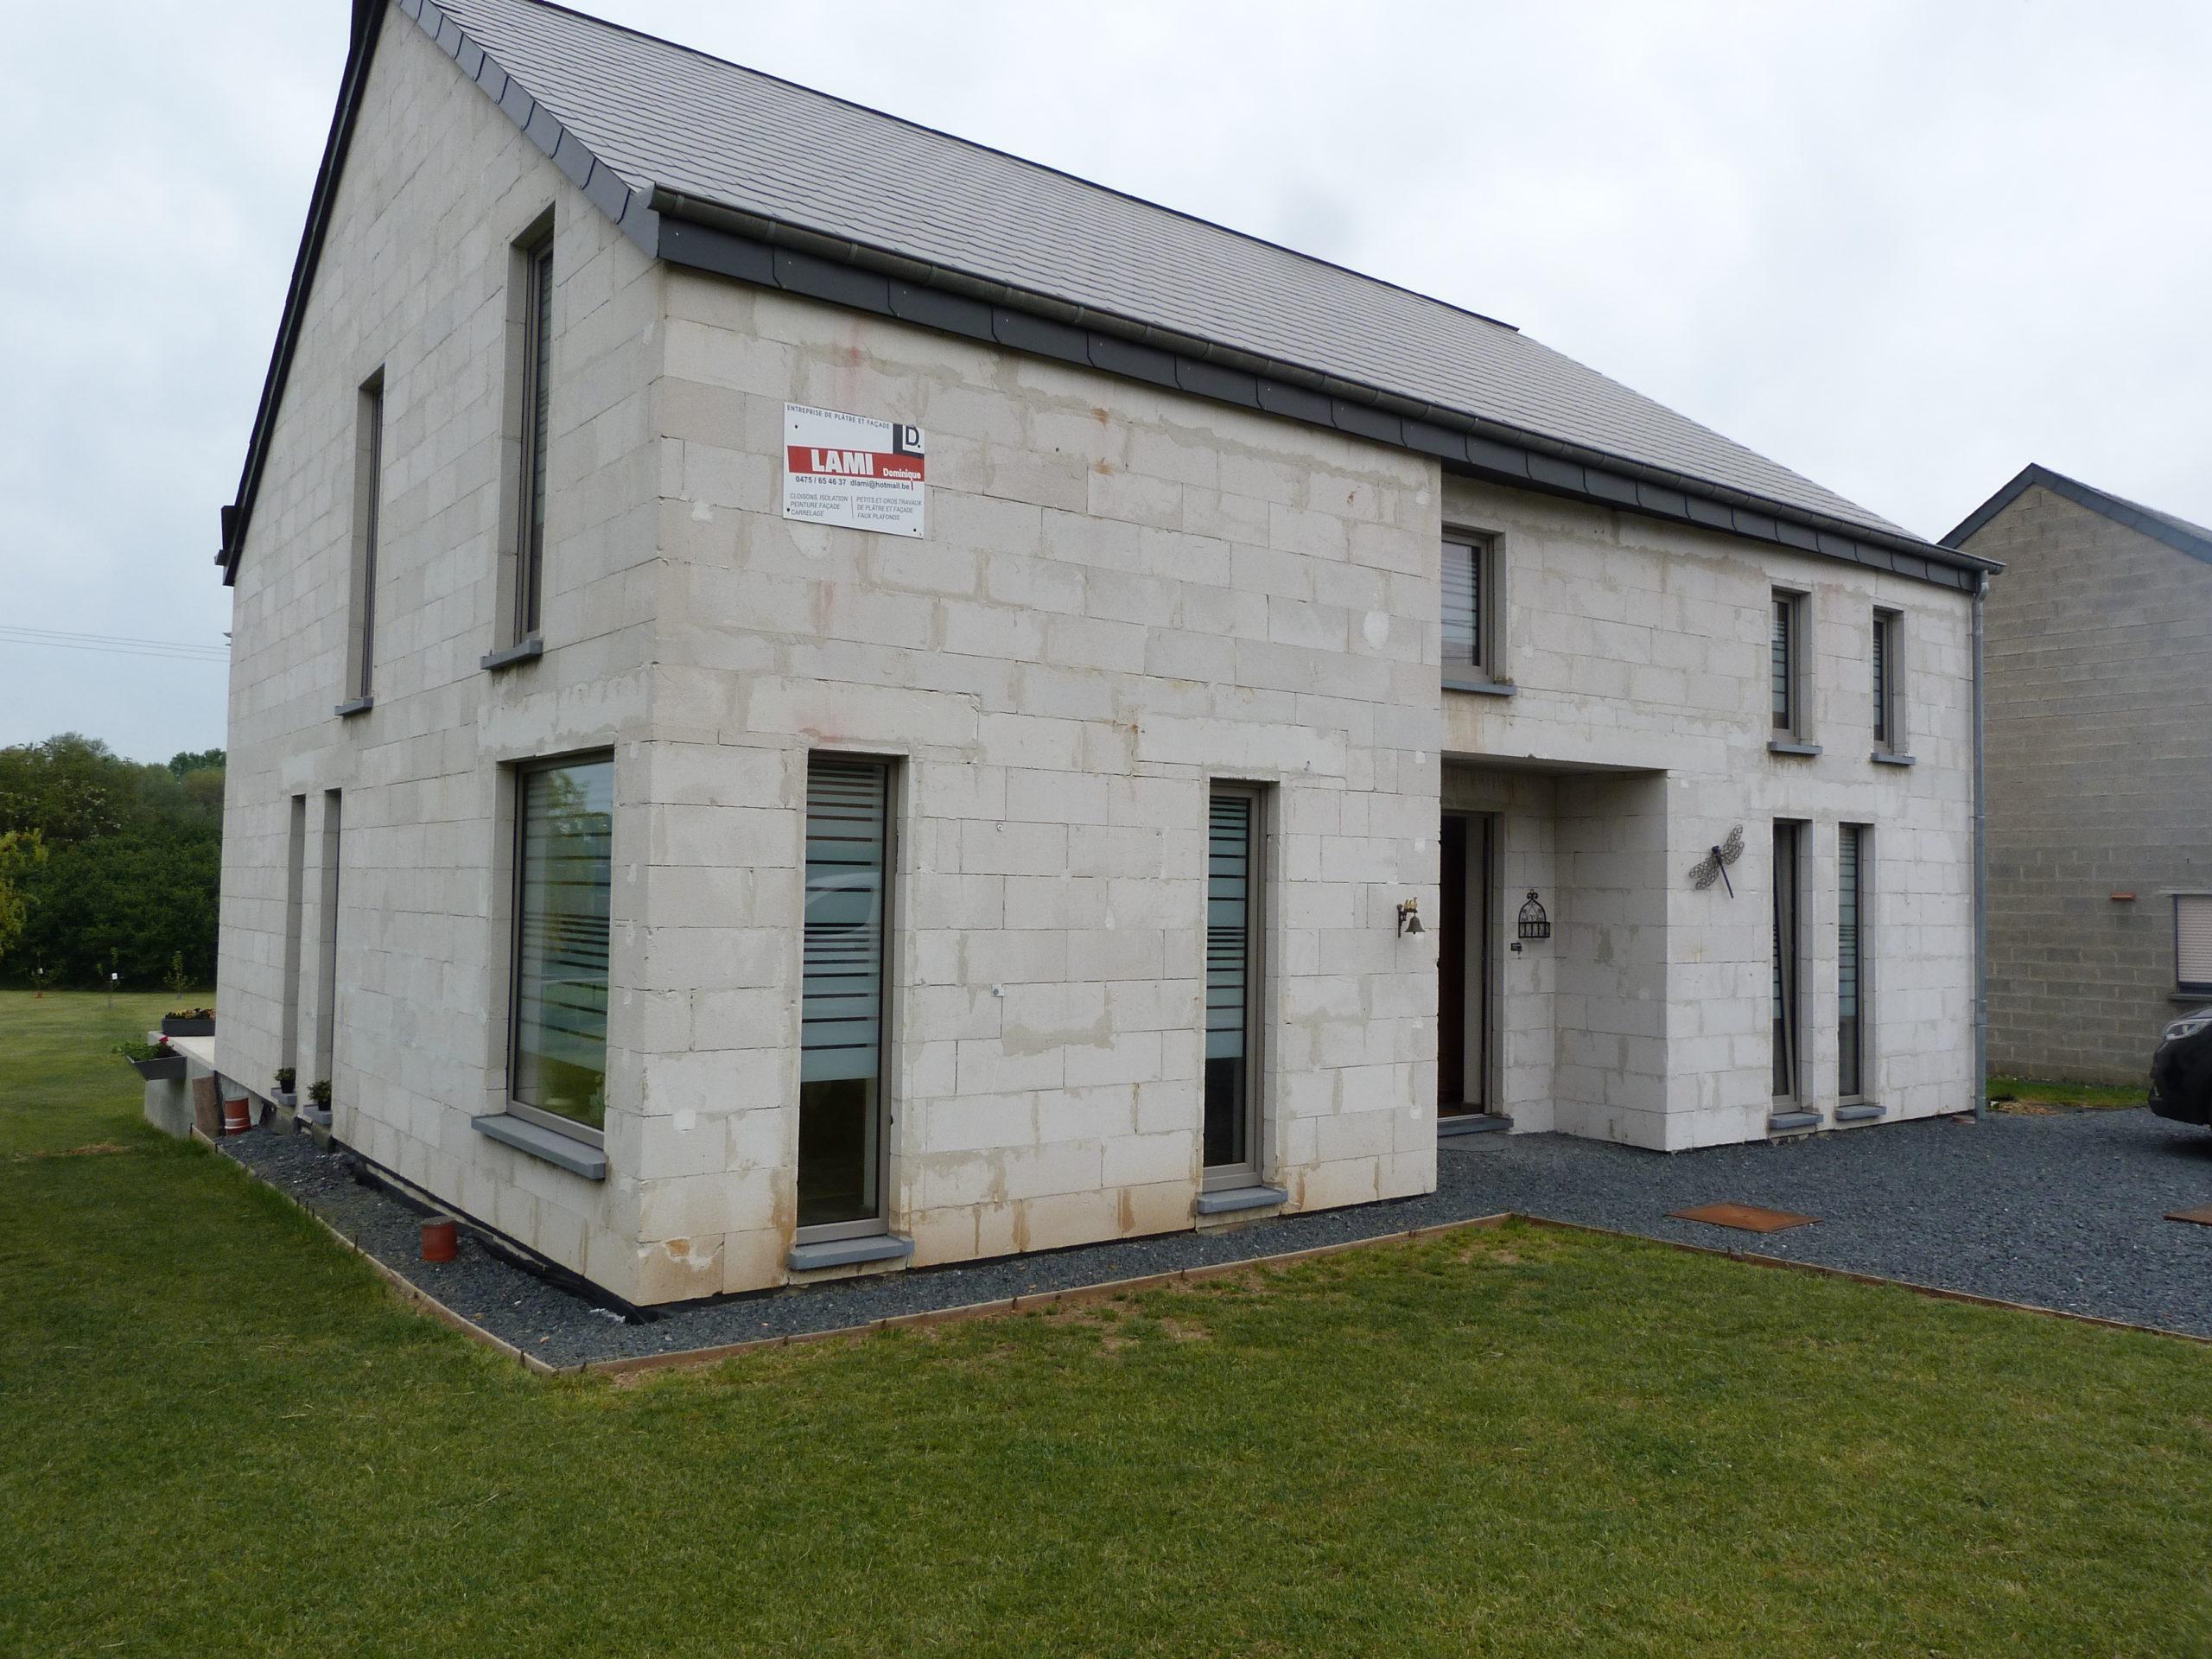 Maison 4 façades à St Mard 1 scaled